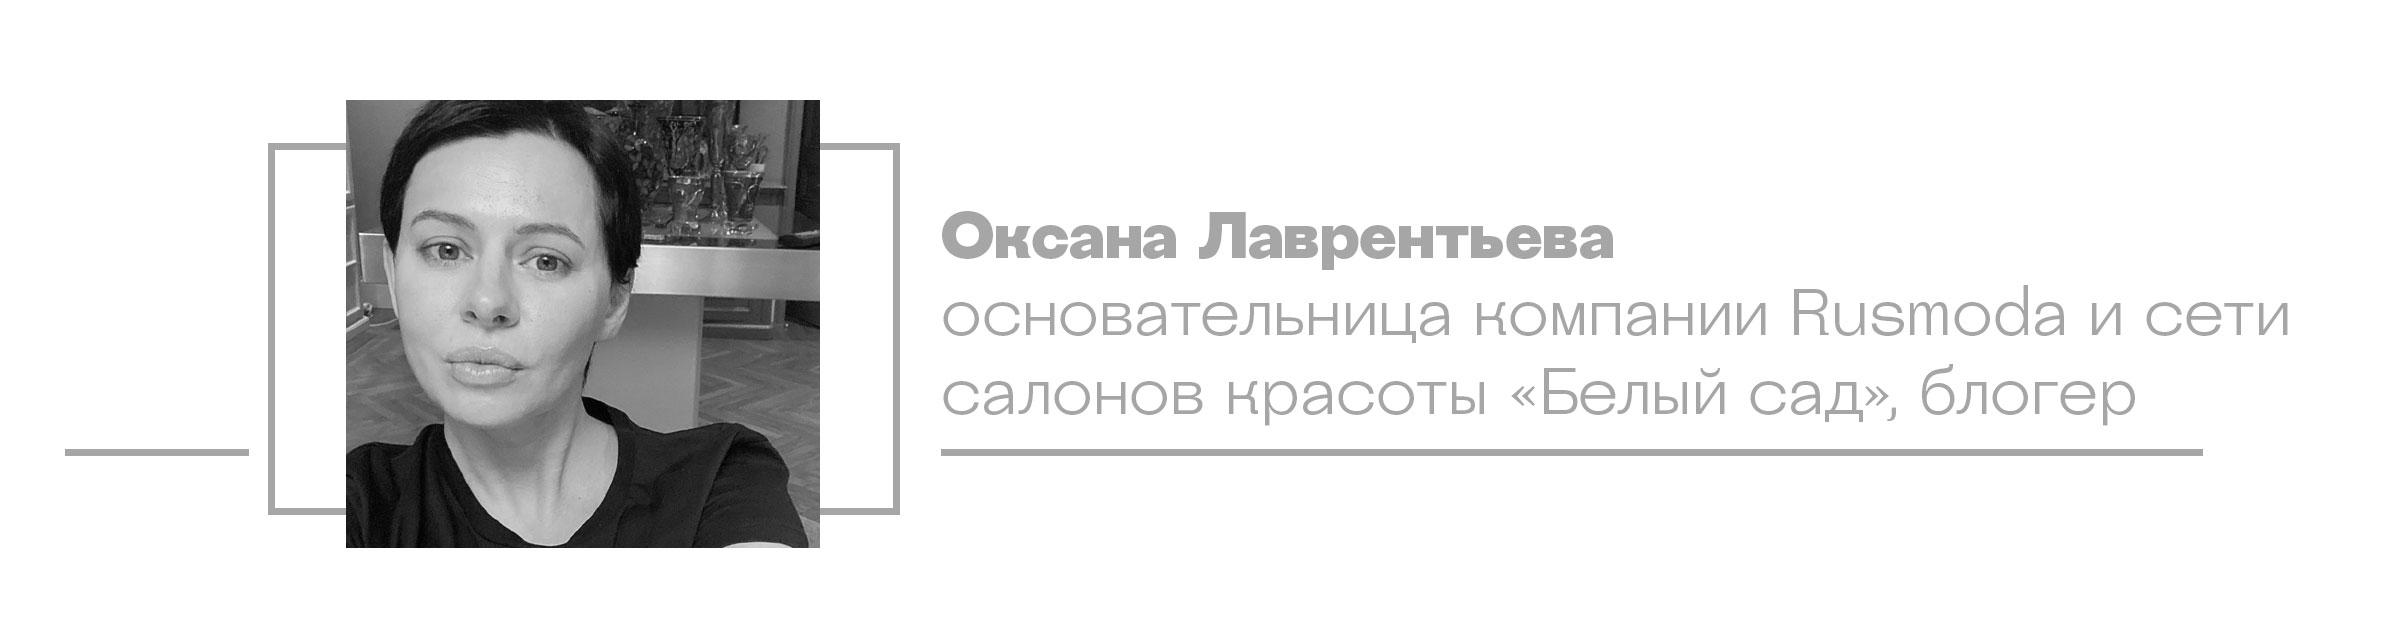 Оксана Лаврентьева, основательница компании Rusmoda исети салонов красоты «Белый сад», блогер